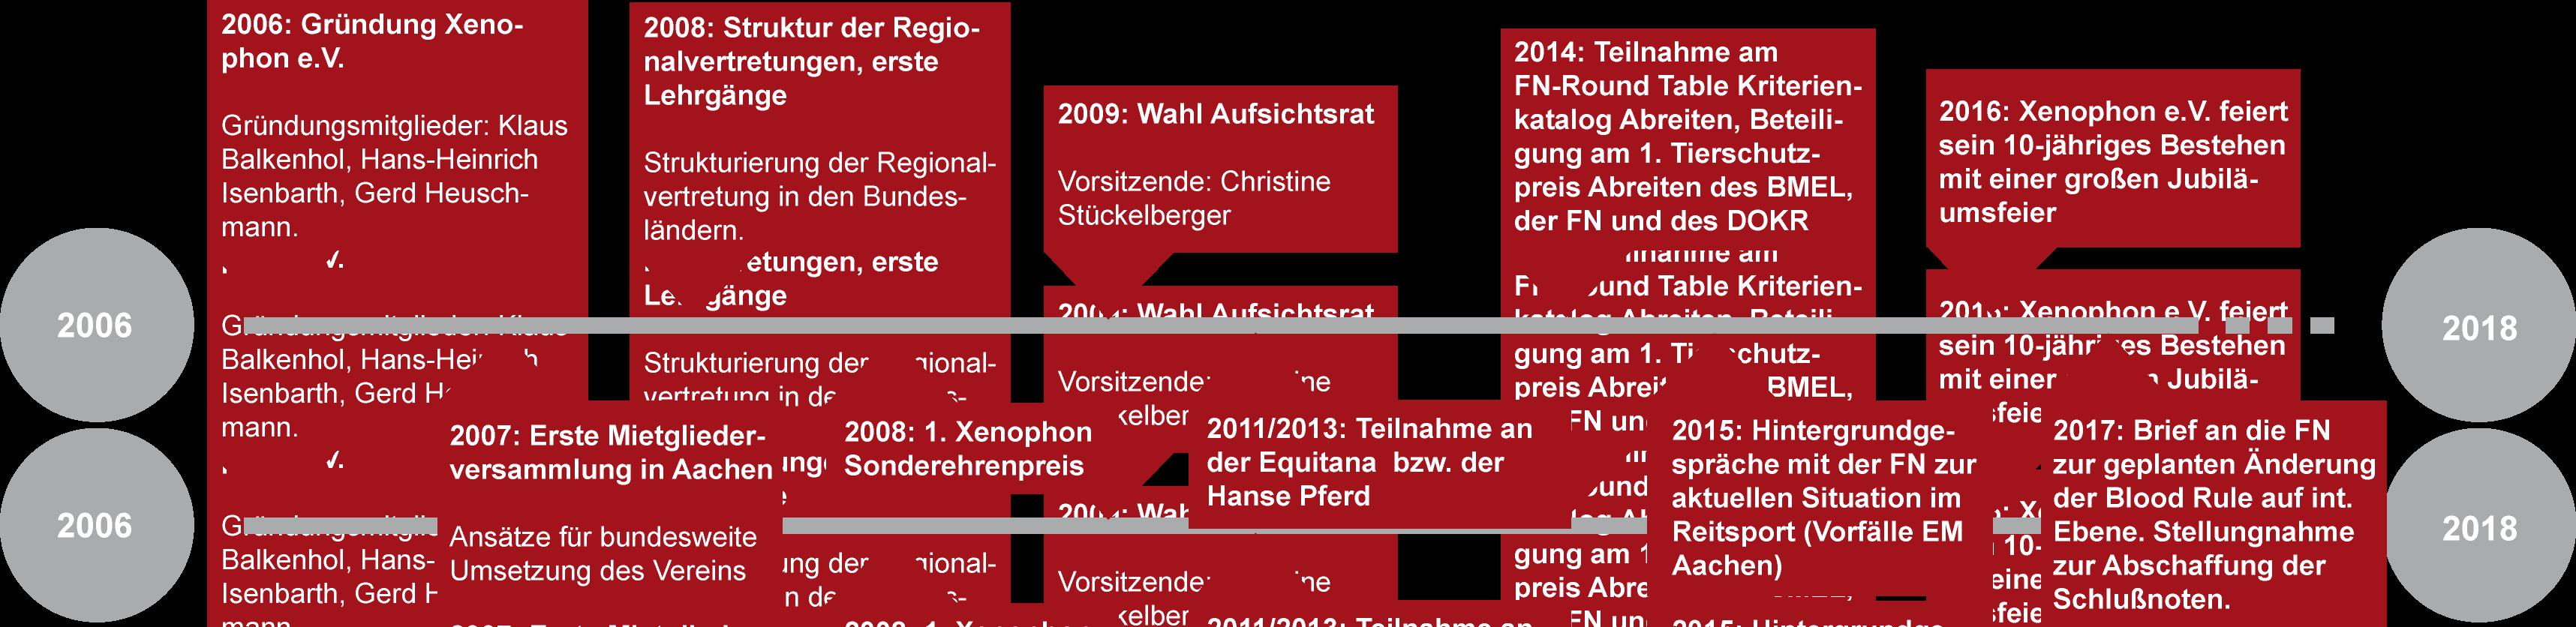 Geschichte Zeitstrahl Xenophon